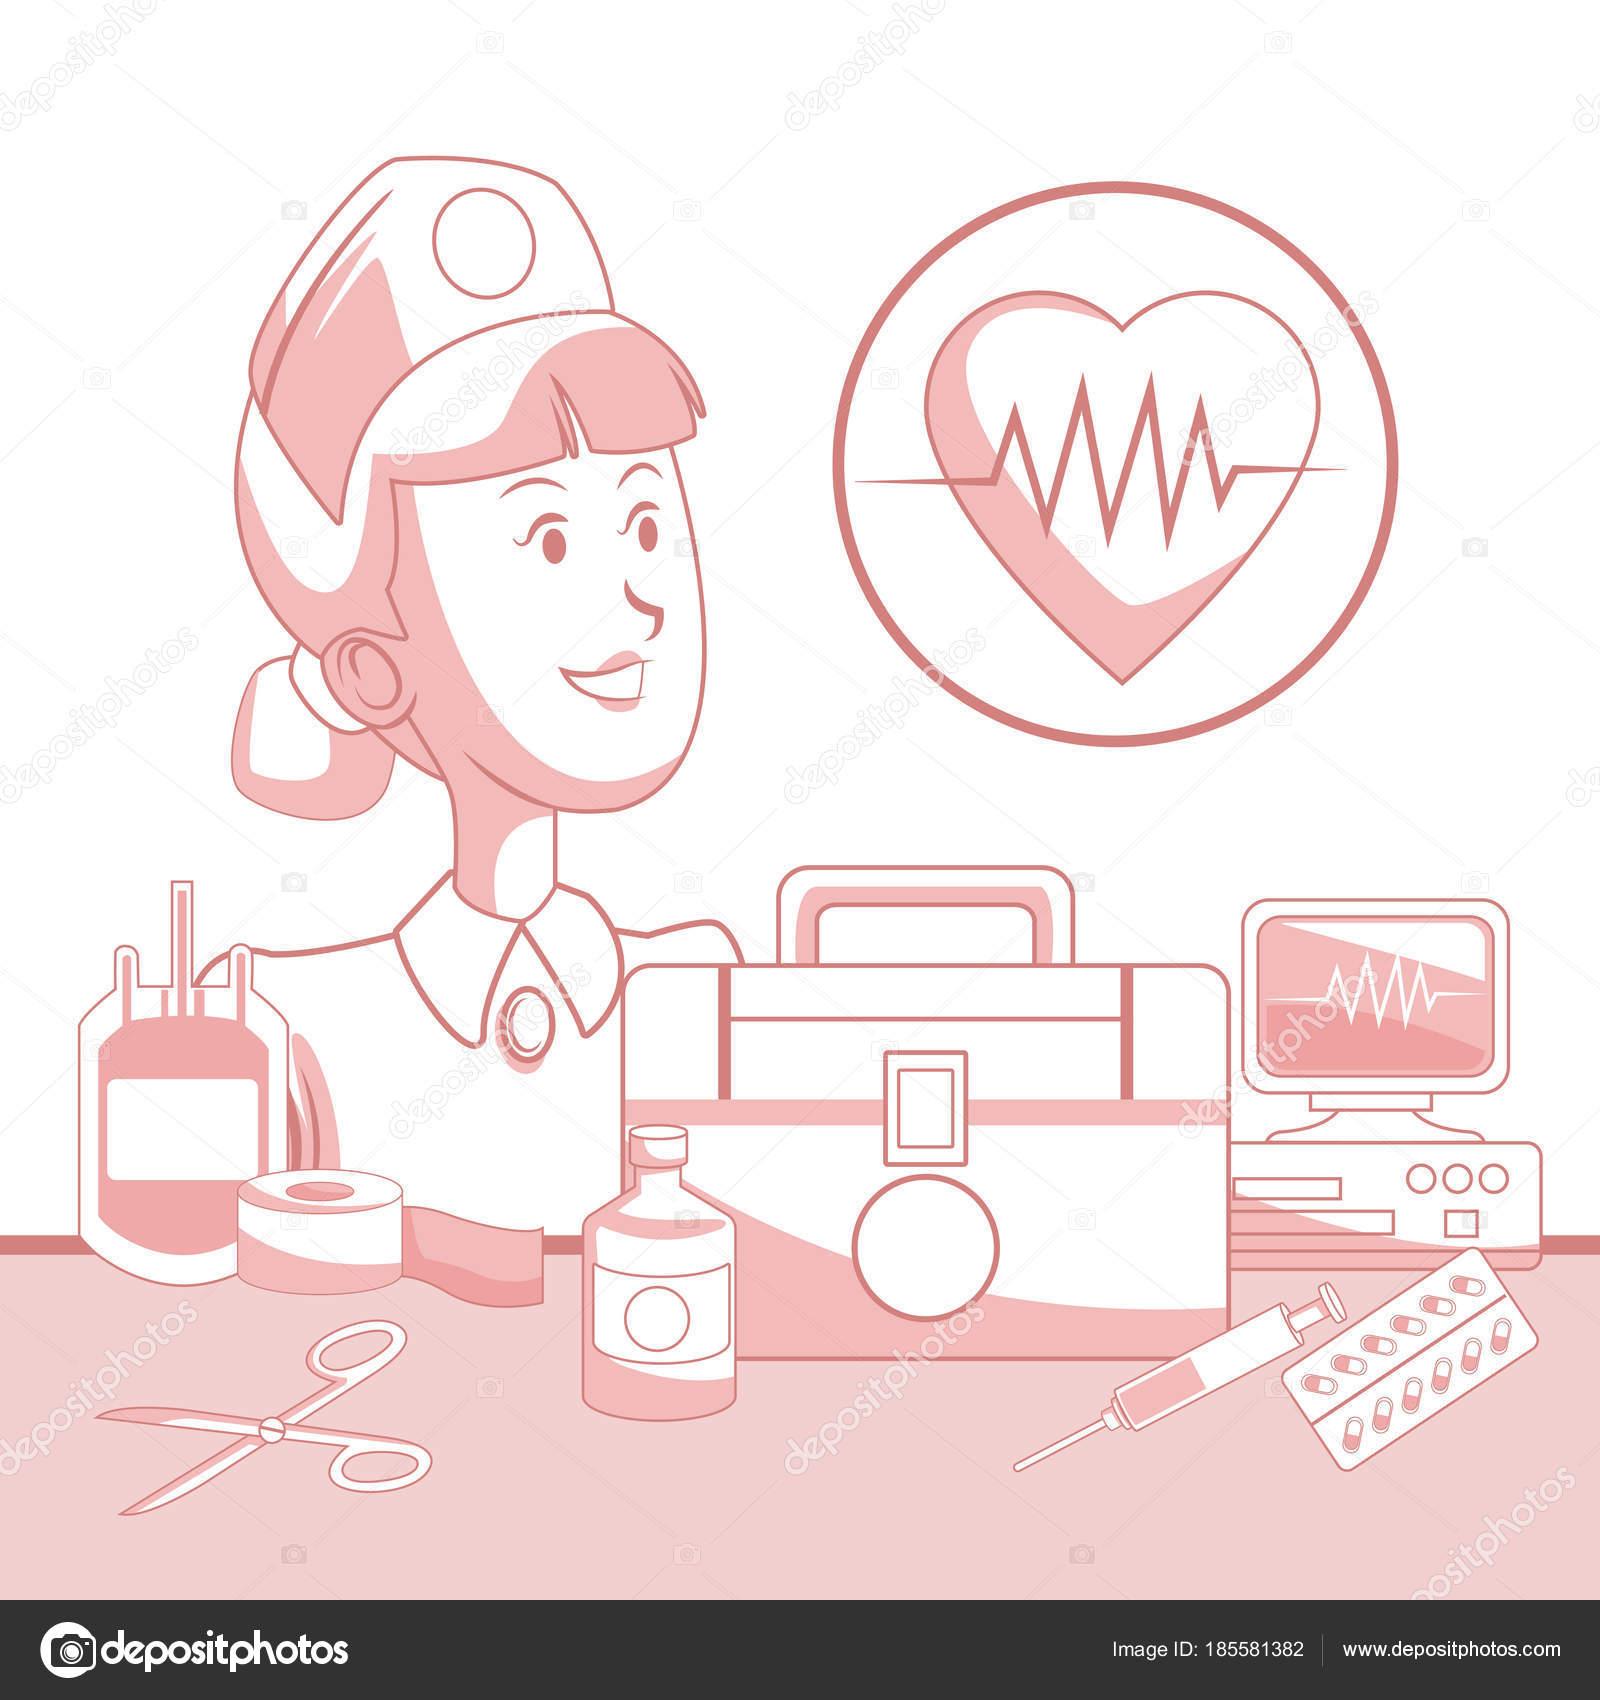 fondo blanco con secciones de color rojo de silueta enfermera ...